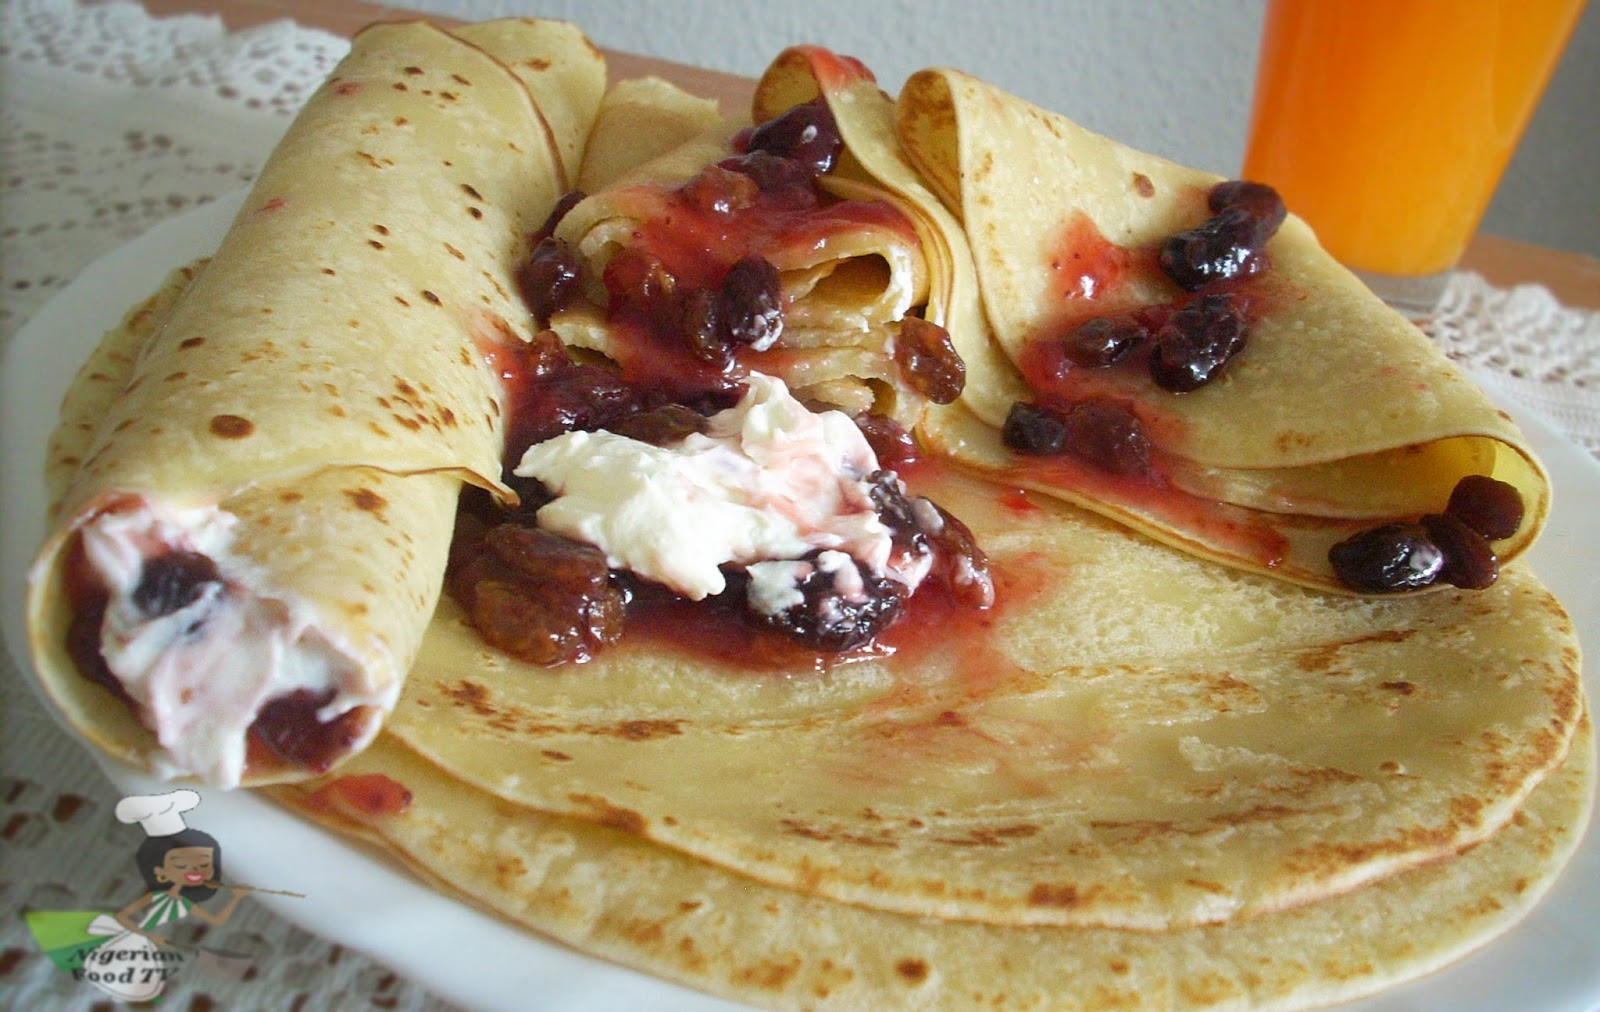 Nigerian Pancake Recipe How to Make Nigerian Pancake